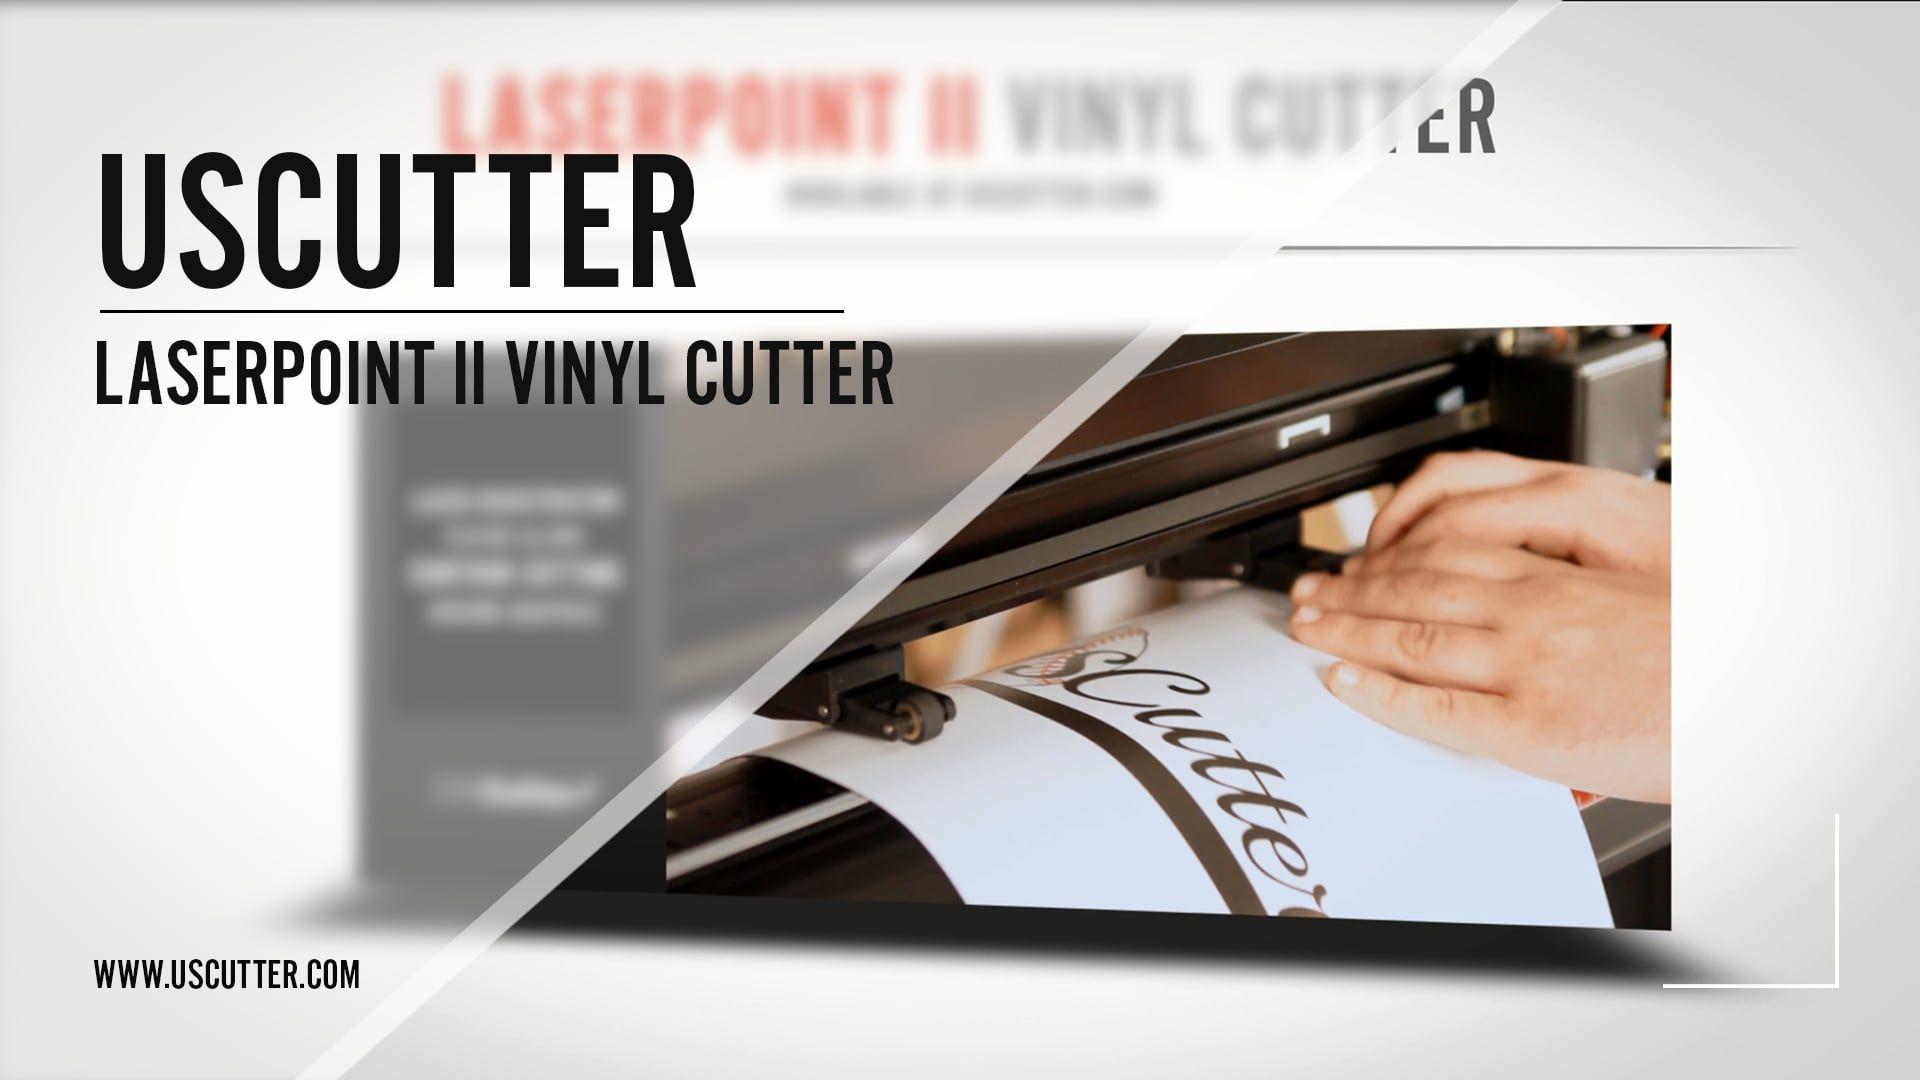 Laserpoint Ii Series Series Revolutionaries Prints